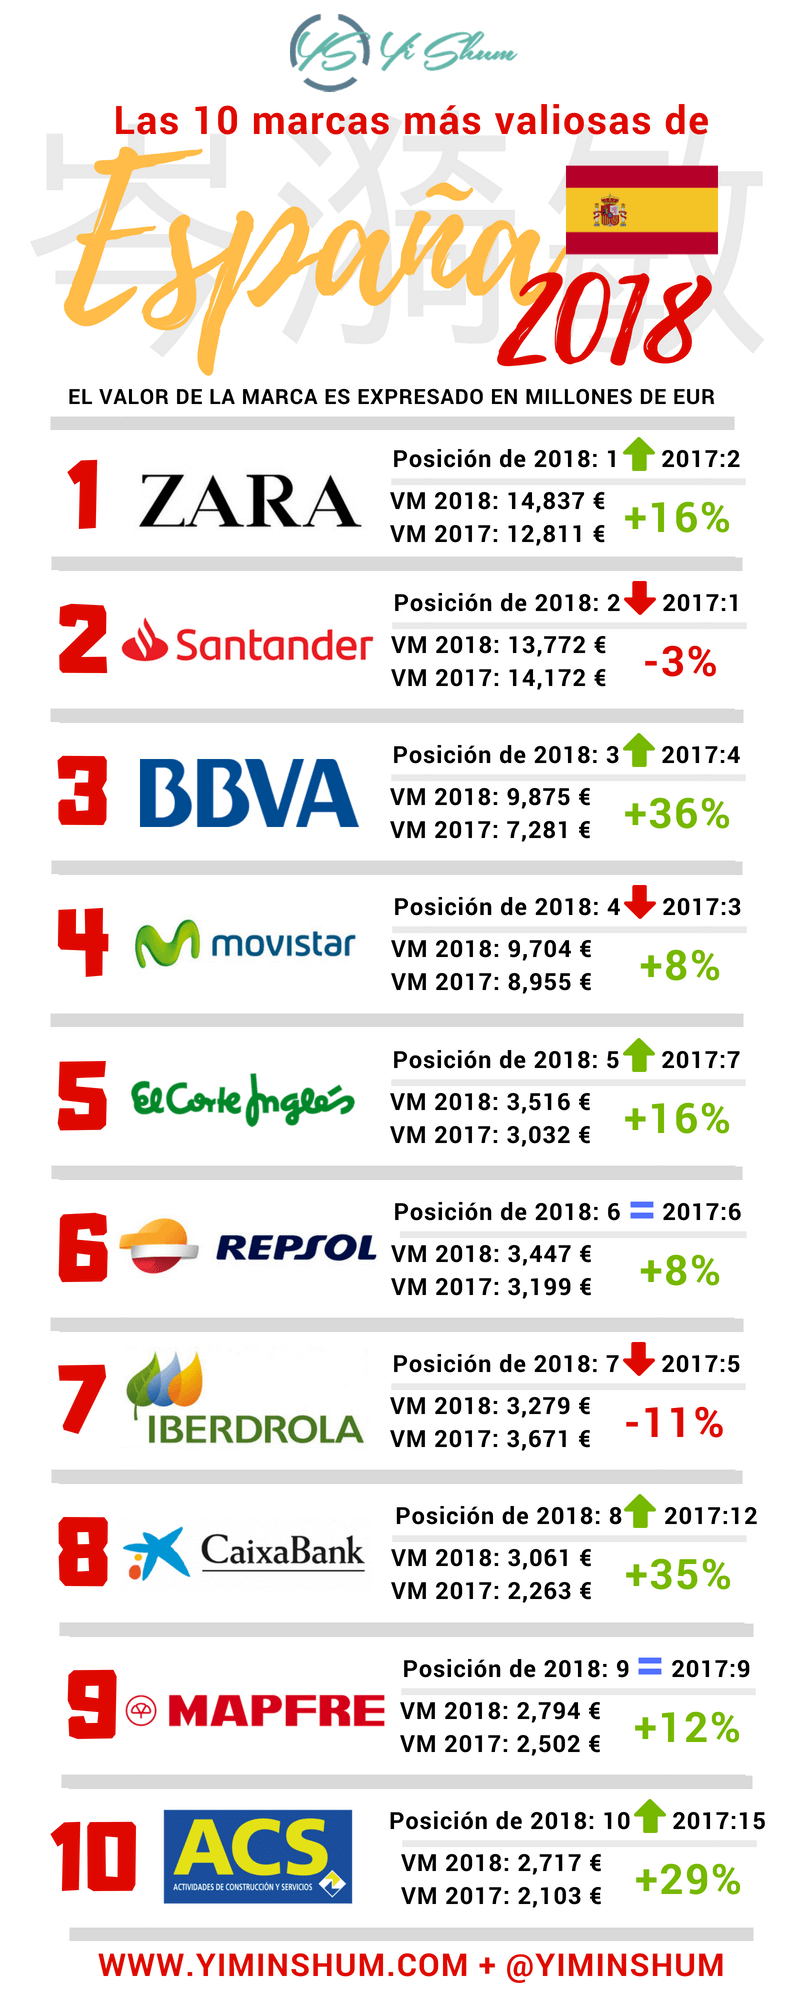 Las marcas más importantes en España 2018 (Infografía)